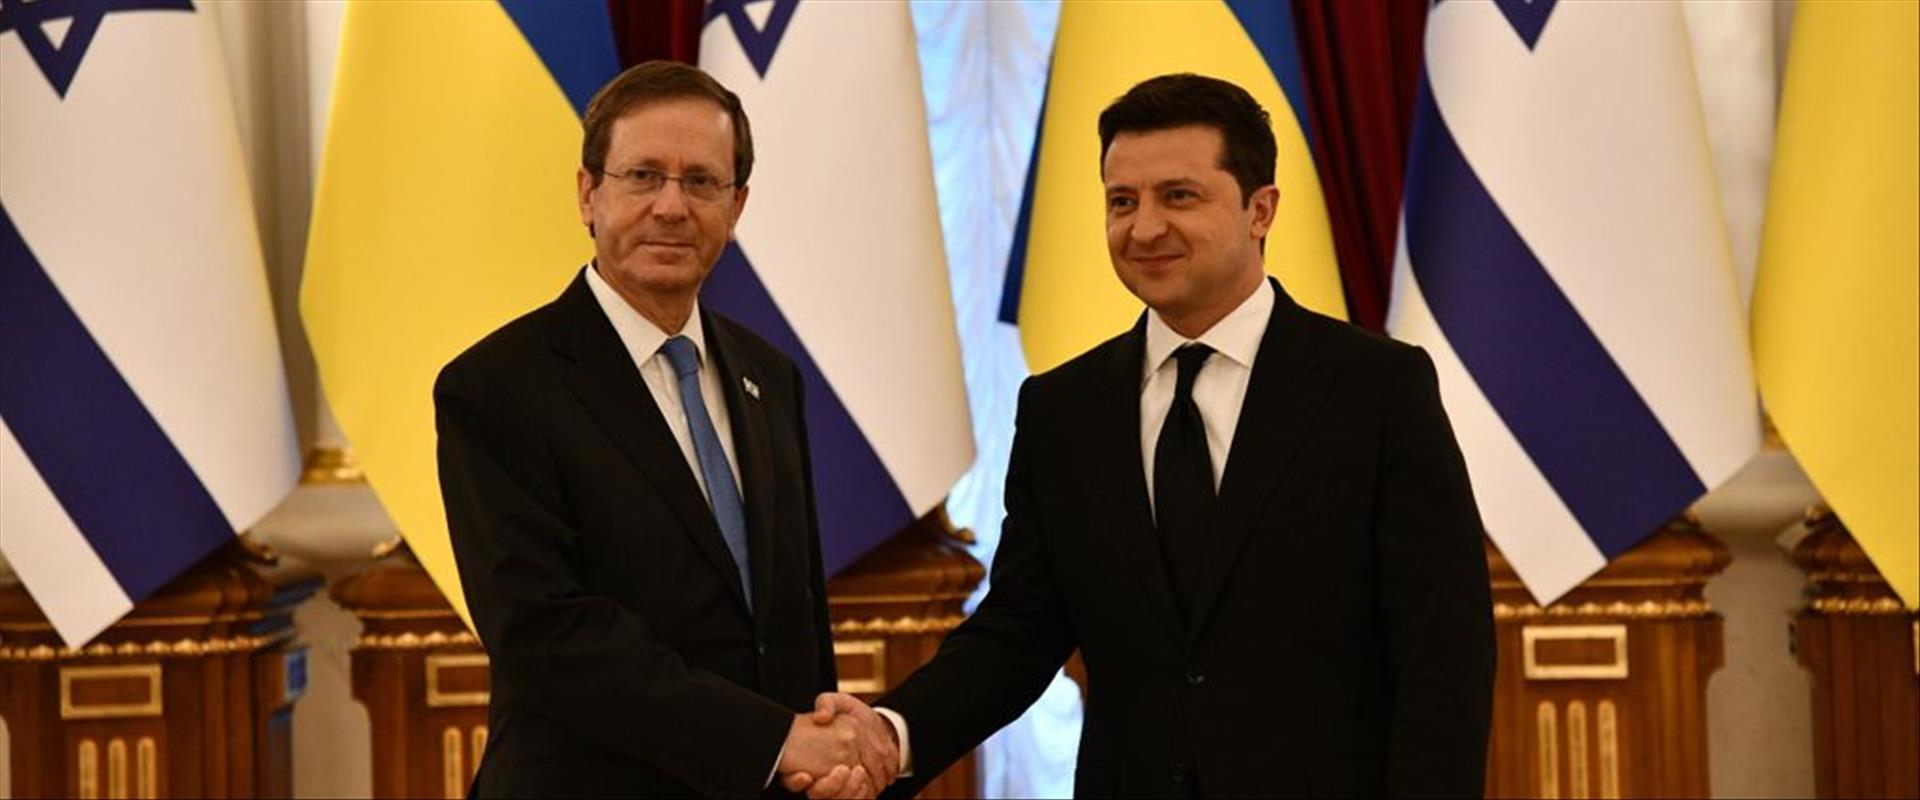 הנשיא הרצוג ונשיא אוקראינה וולודימיר זלנסקי